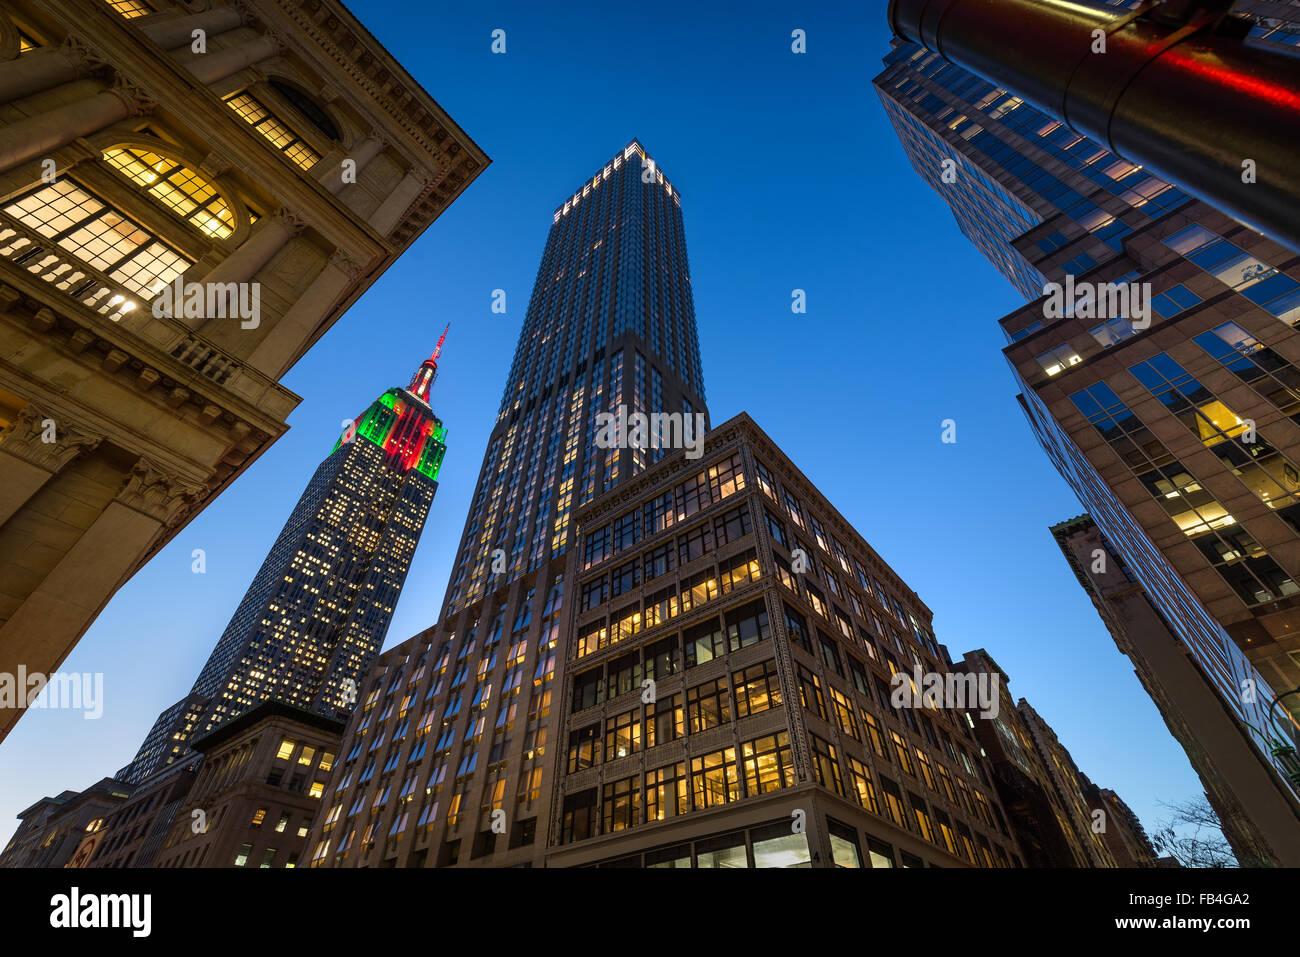 L'Empire State Building illuminé par les lumières de Noël au crépuscule. Gratte-ciel sur Photo Stock